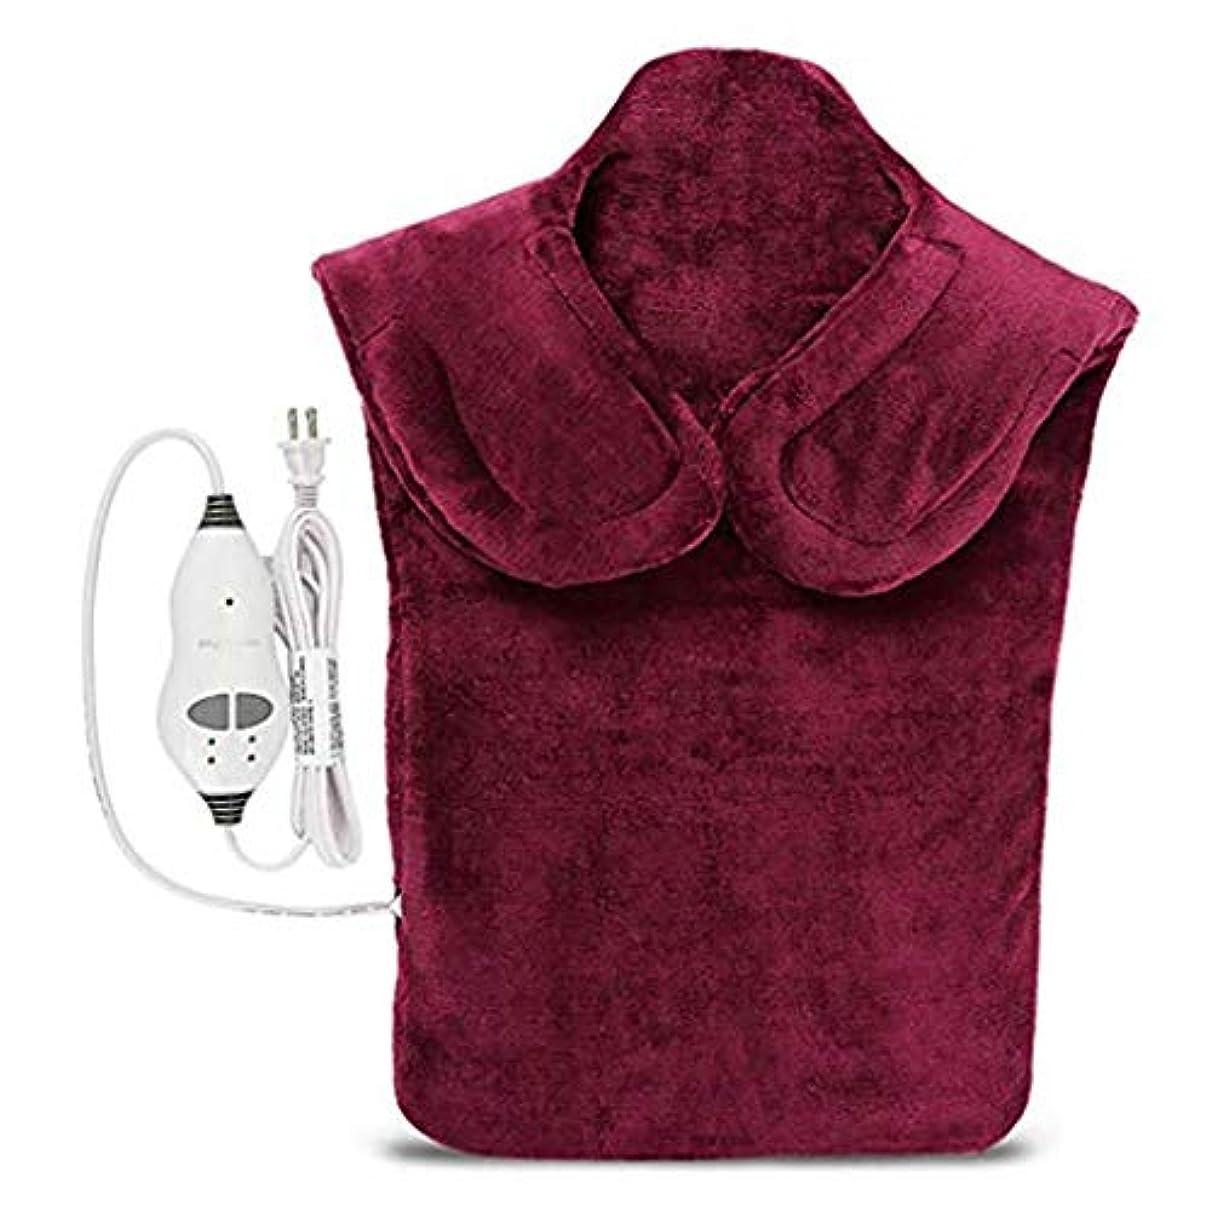 クリークブリード神経衰弱戻る電気マッサージ器、首暖房パッド、フランネル健康ラップ首/肩/血液循環を促進、筋肉の痛みを和らげる、暖かい保つために (Color : Winered, Size : One size)